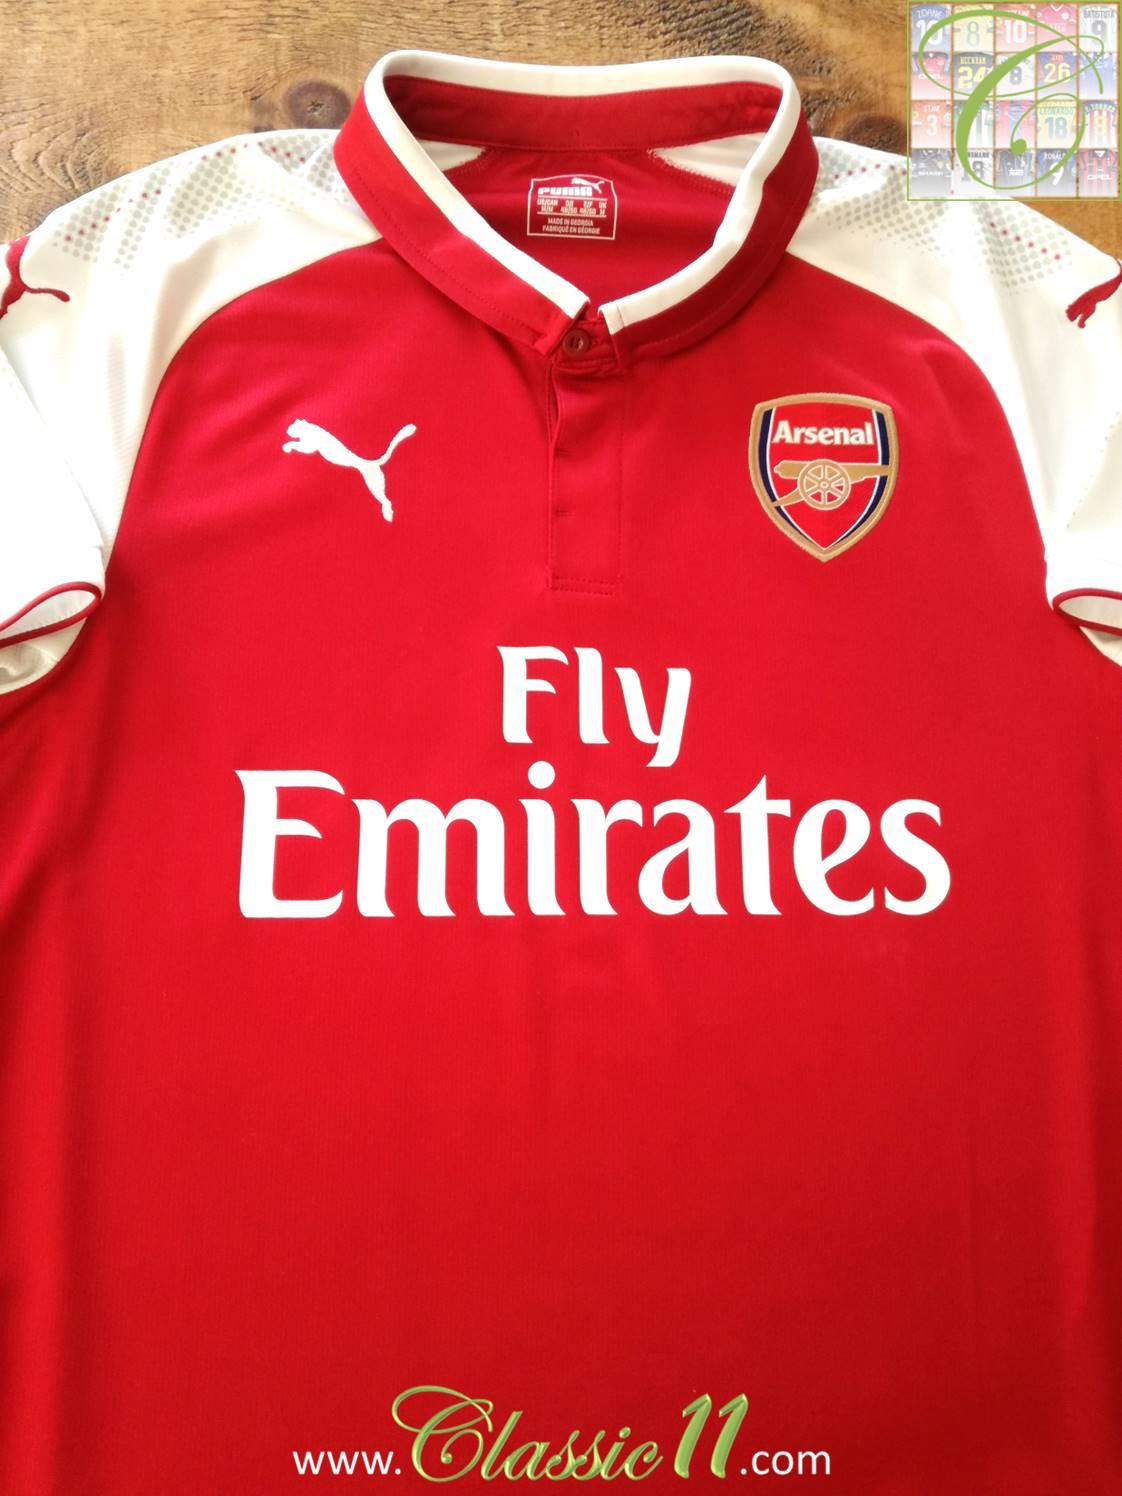 a1780b69a64 Arsenal Home maglia di calcio 2017 - 2018. Sponsored by Emirates